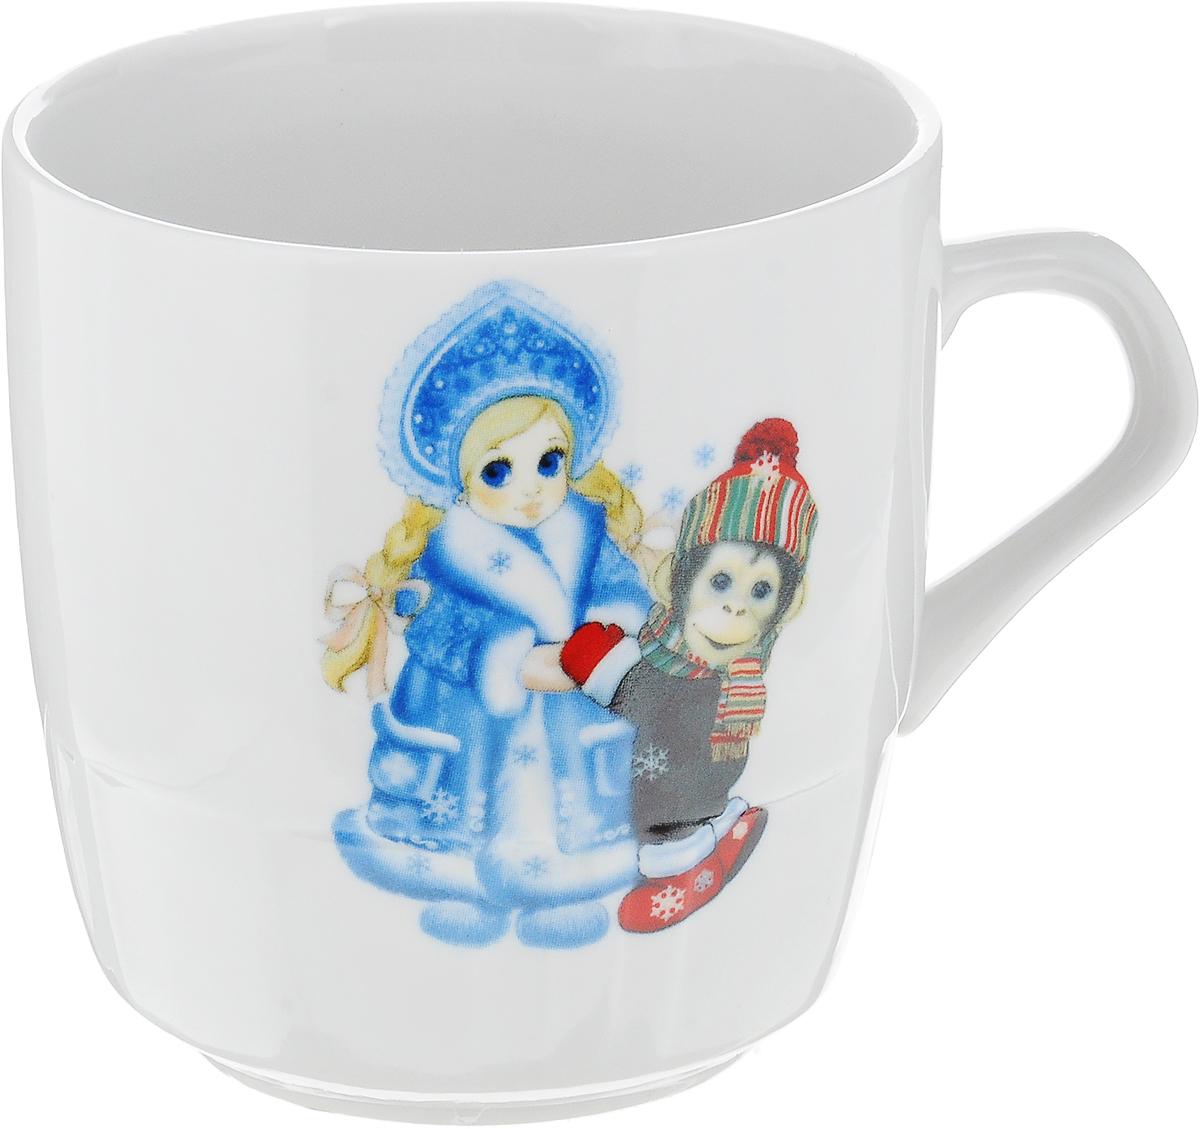 Кружка Фарфор Вербилок Новогодние обезьянки, 250 мл8712390Кружка Фарфор Вербилок Новогодние обезьянки выполнена из высококачественного фарфора с глазурованным покрытием и оформлена оригинальным принтом. Посуда из фарфора позволяет сохранить истинный вкус напитка, а также помогает ему дольше оставаться теплым. Изделие оснащено удобной ручкой. Такая кружка прекрасно оформит стол к чаепитию и станет его неизменным атрибутом. Можно мыть в посудомоечной машине и использовать в СВЧ.Диаметр кружки (по верхнему краю): 8,3 см.Высота чашки: 8,5 см.